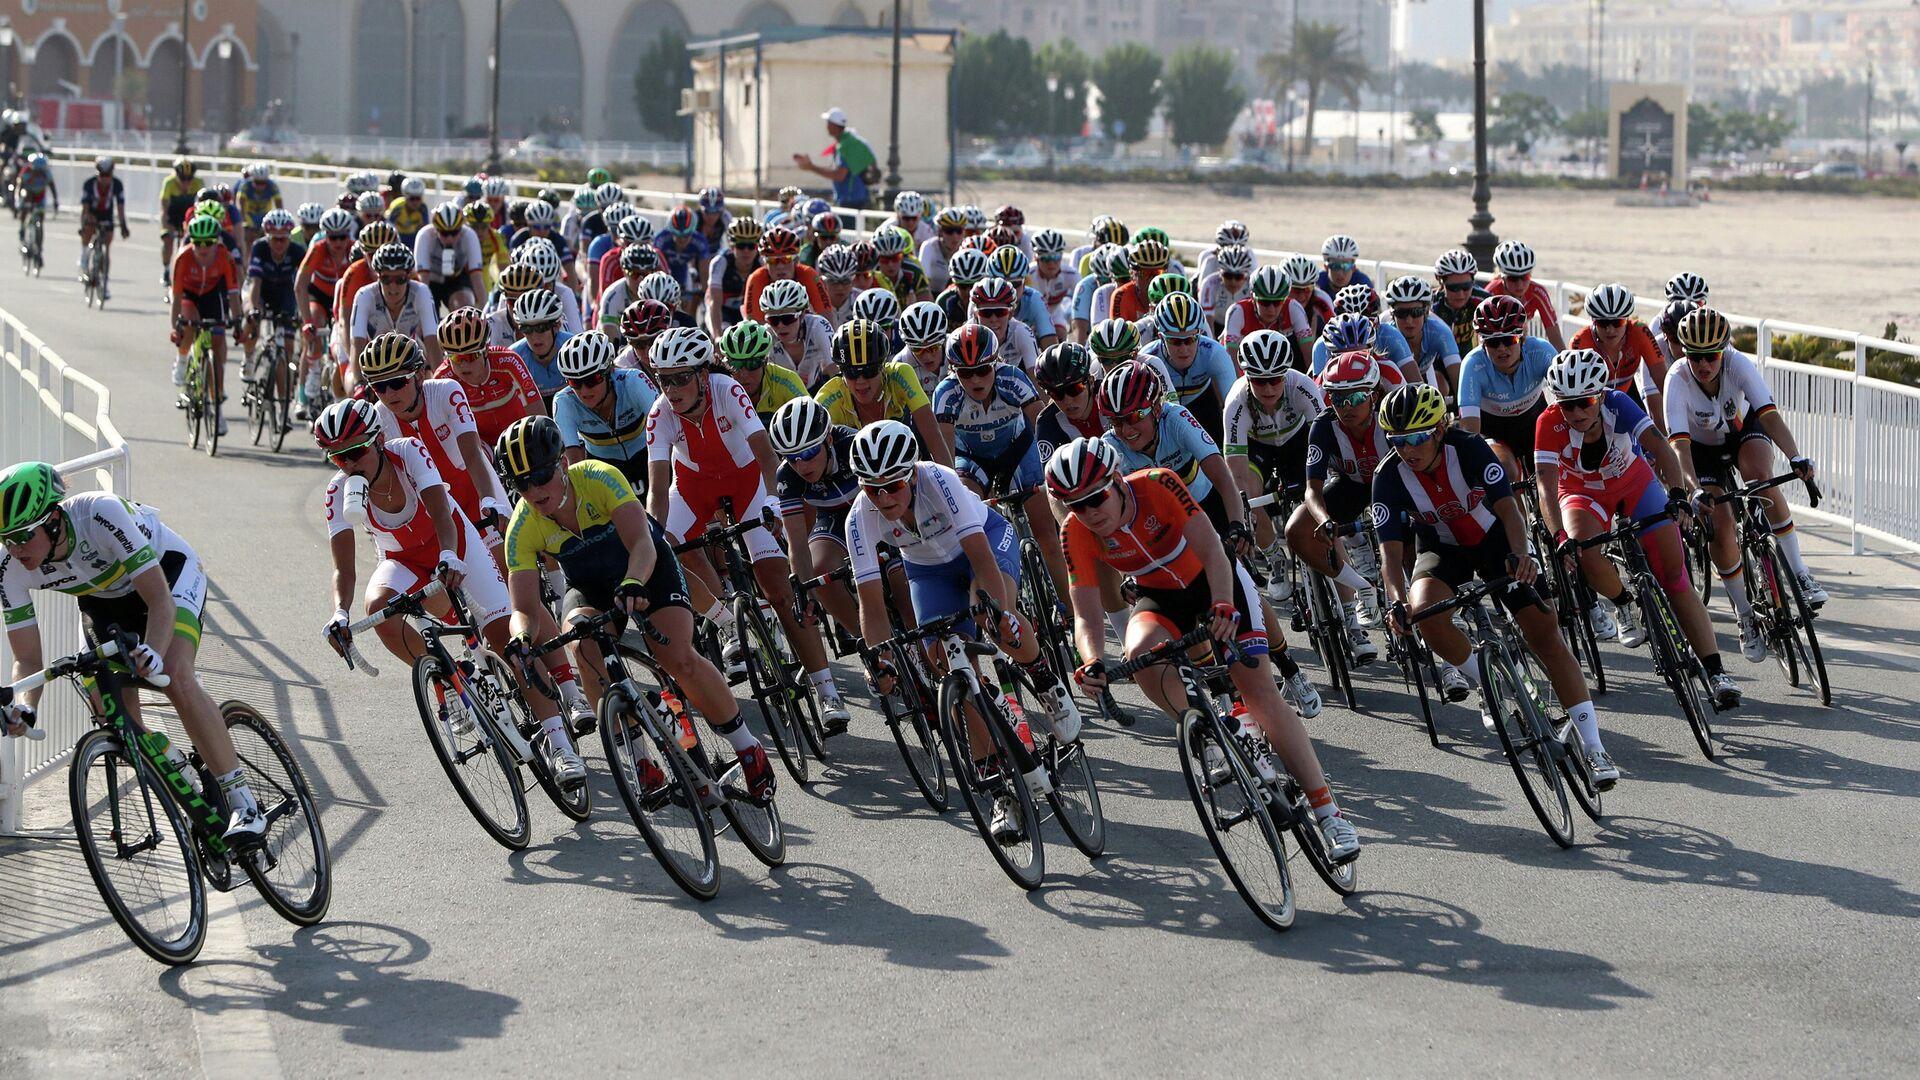 Спортсмены во время чемпионата мира по велоспорту на шоссе в Дохе - РИА Новости, 1920, 22.10.2020